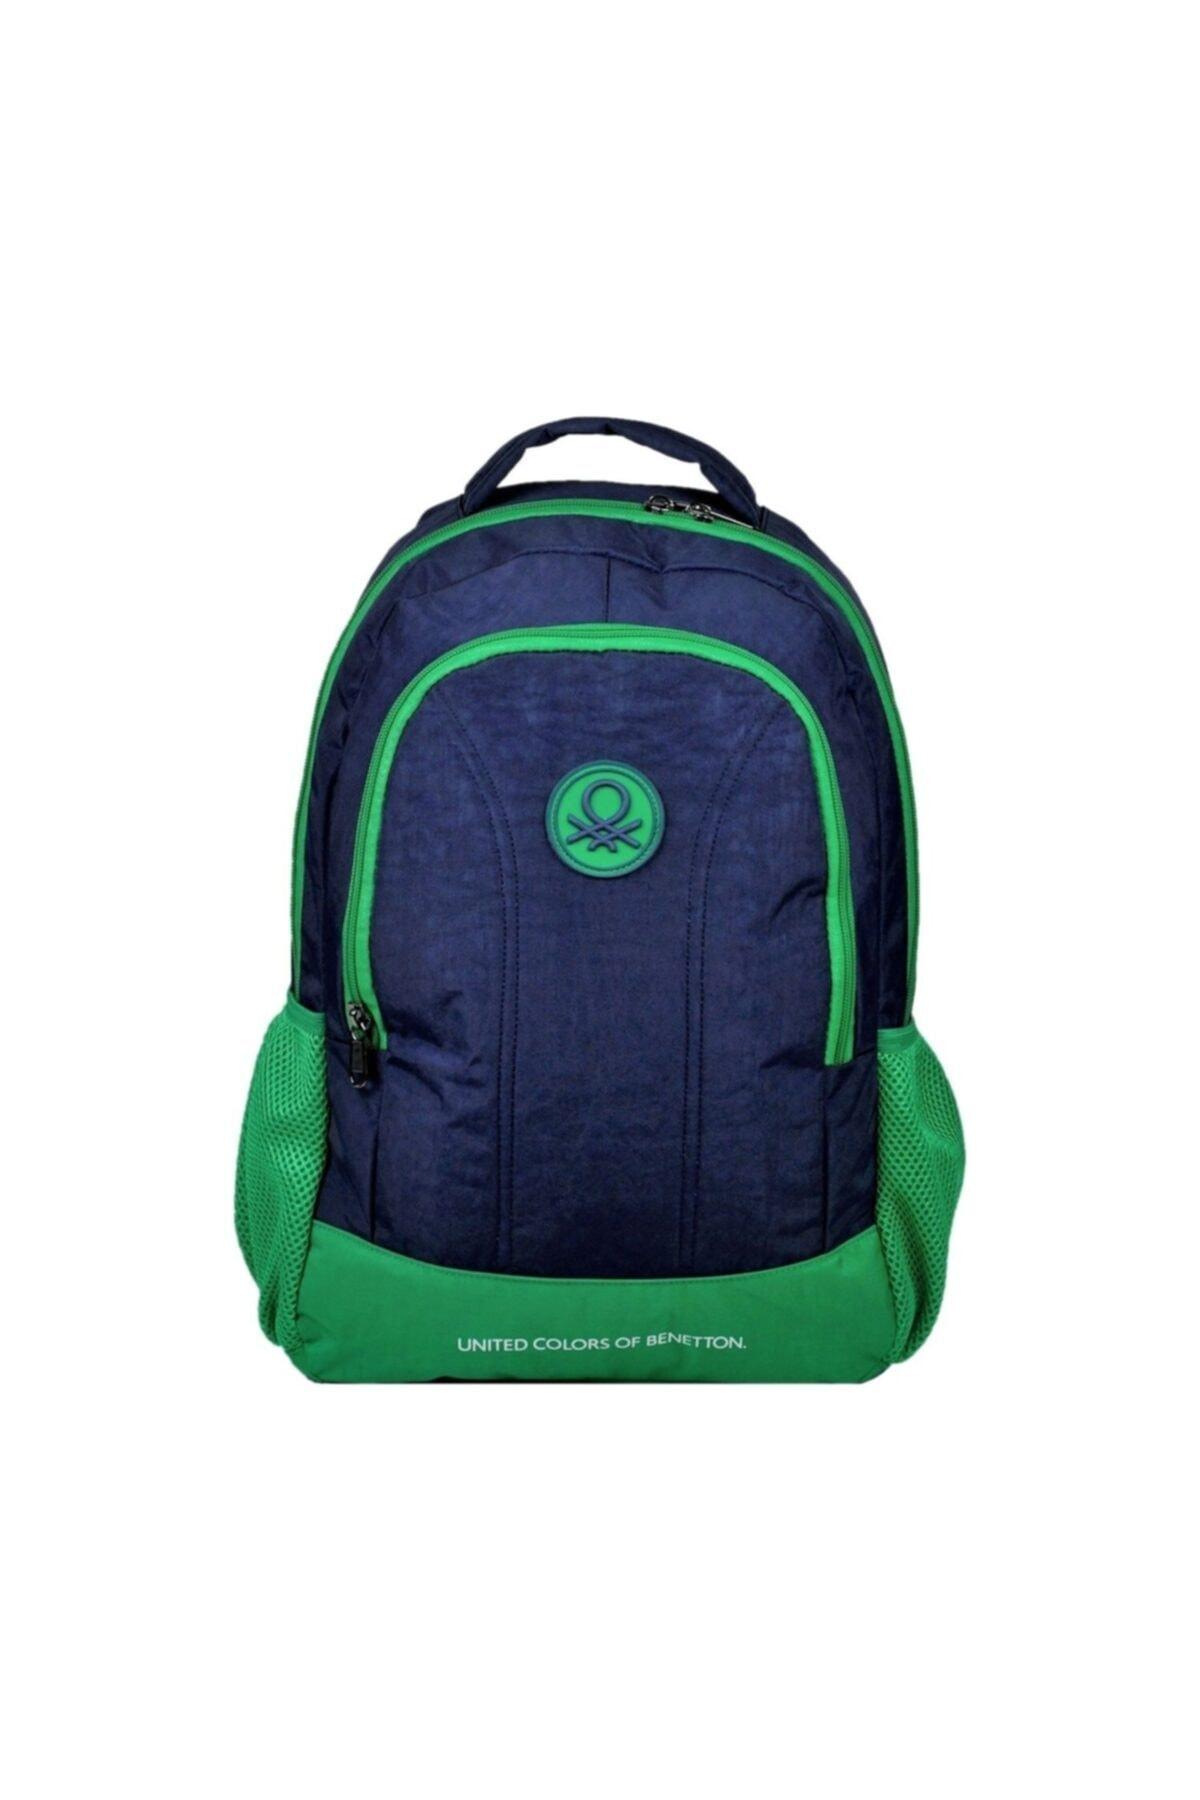 United Colors of Benetton Benetton Lacivert-yeşil Sırt Çantası - Okul Çantası 96014 1